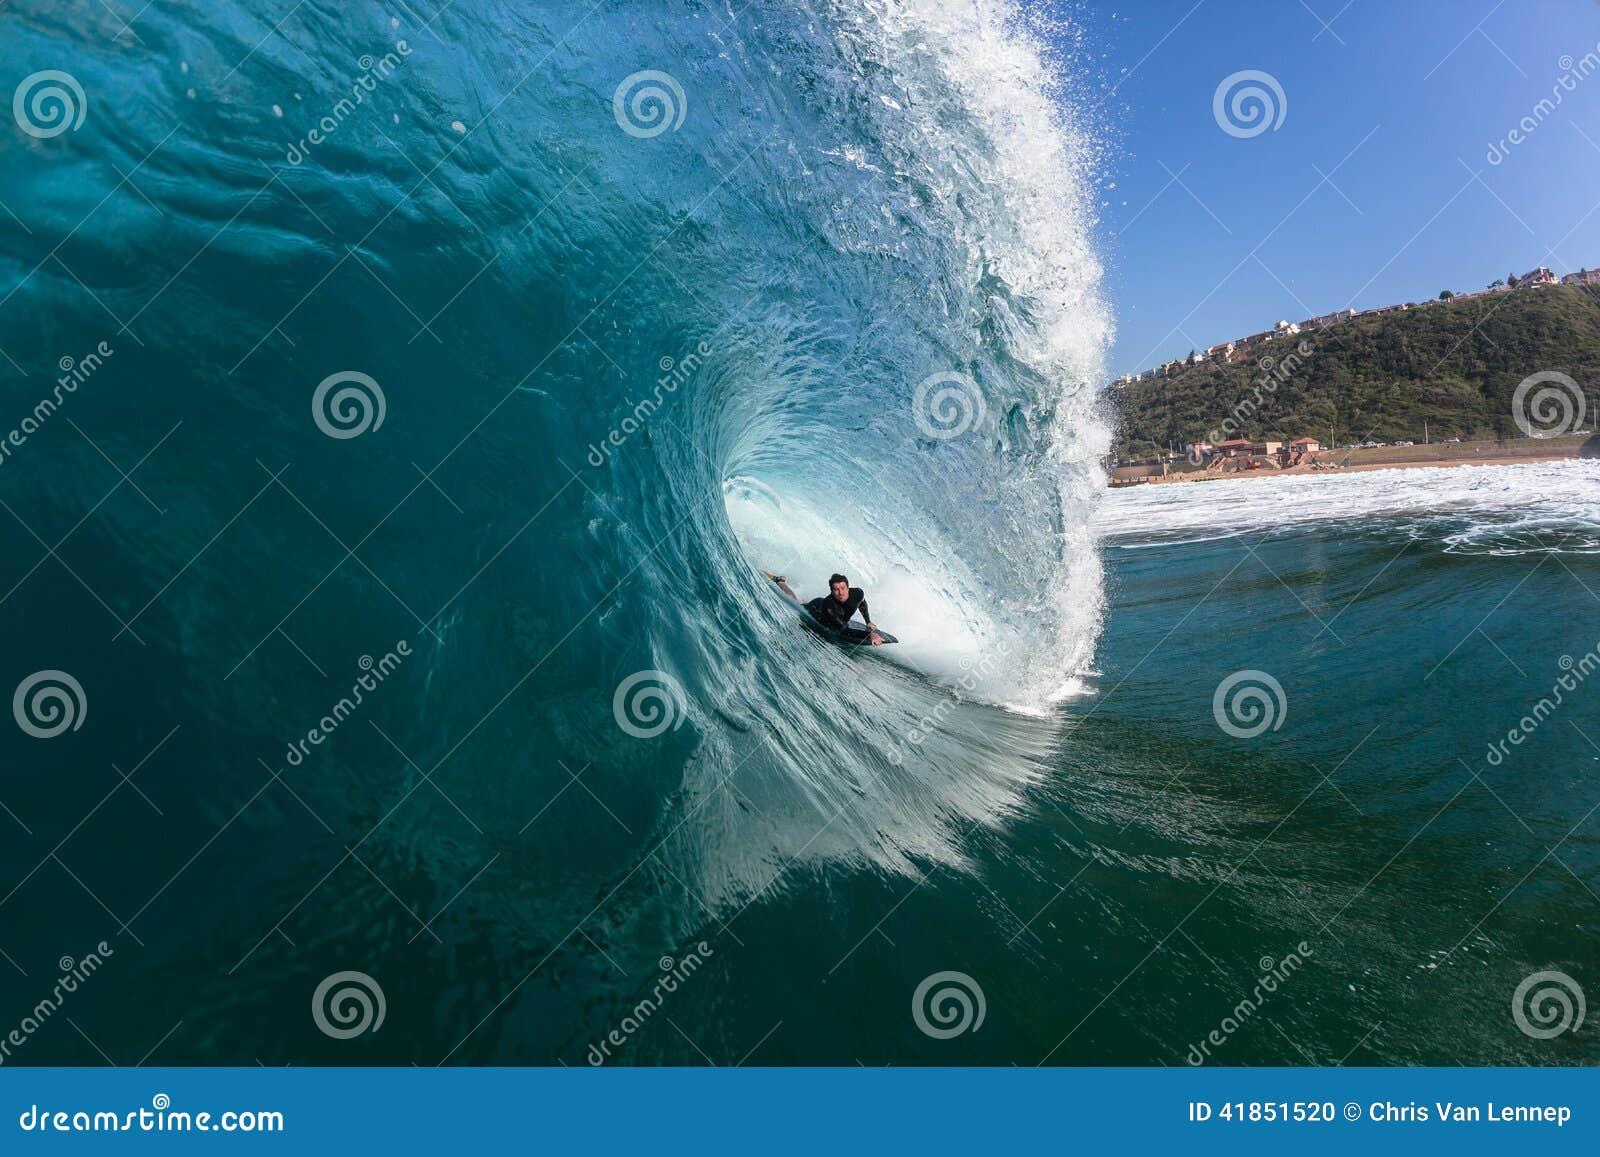 Het surfen Rider Hollow Crashing Tube Blue Oceaangolf